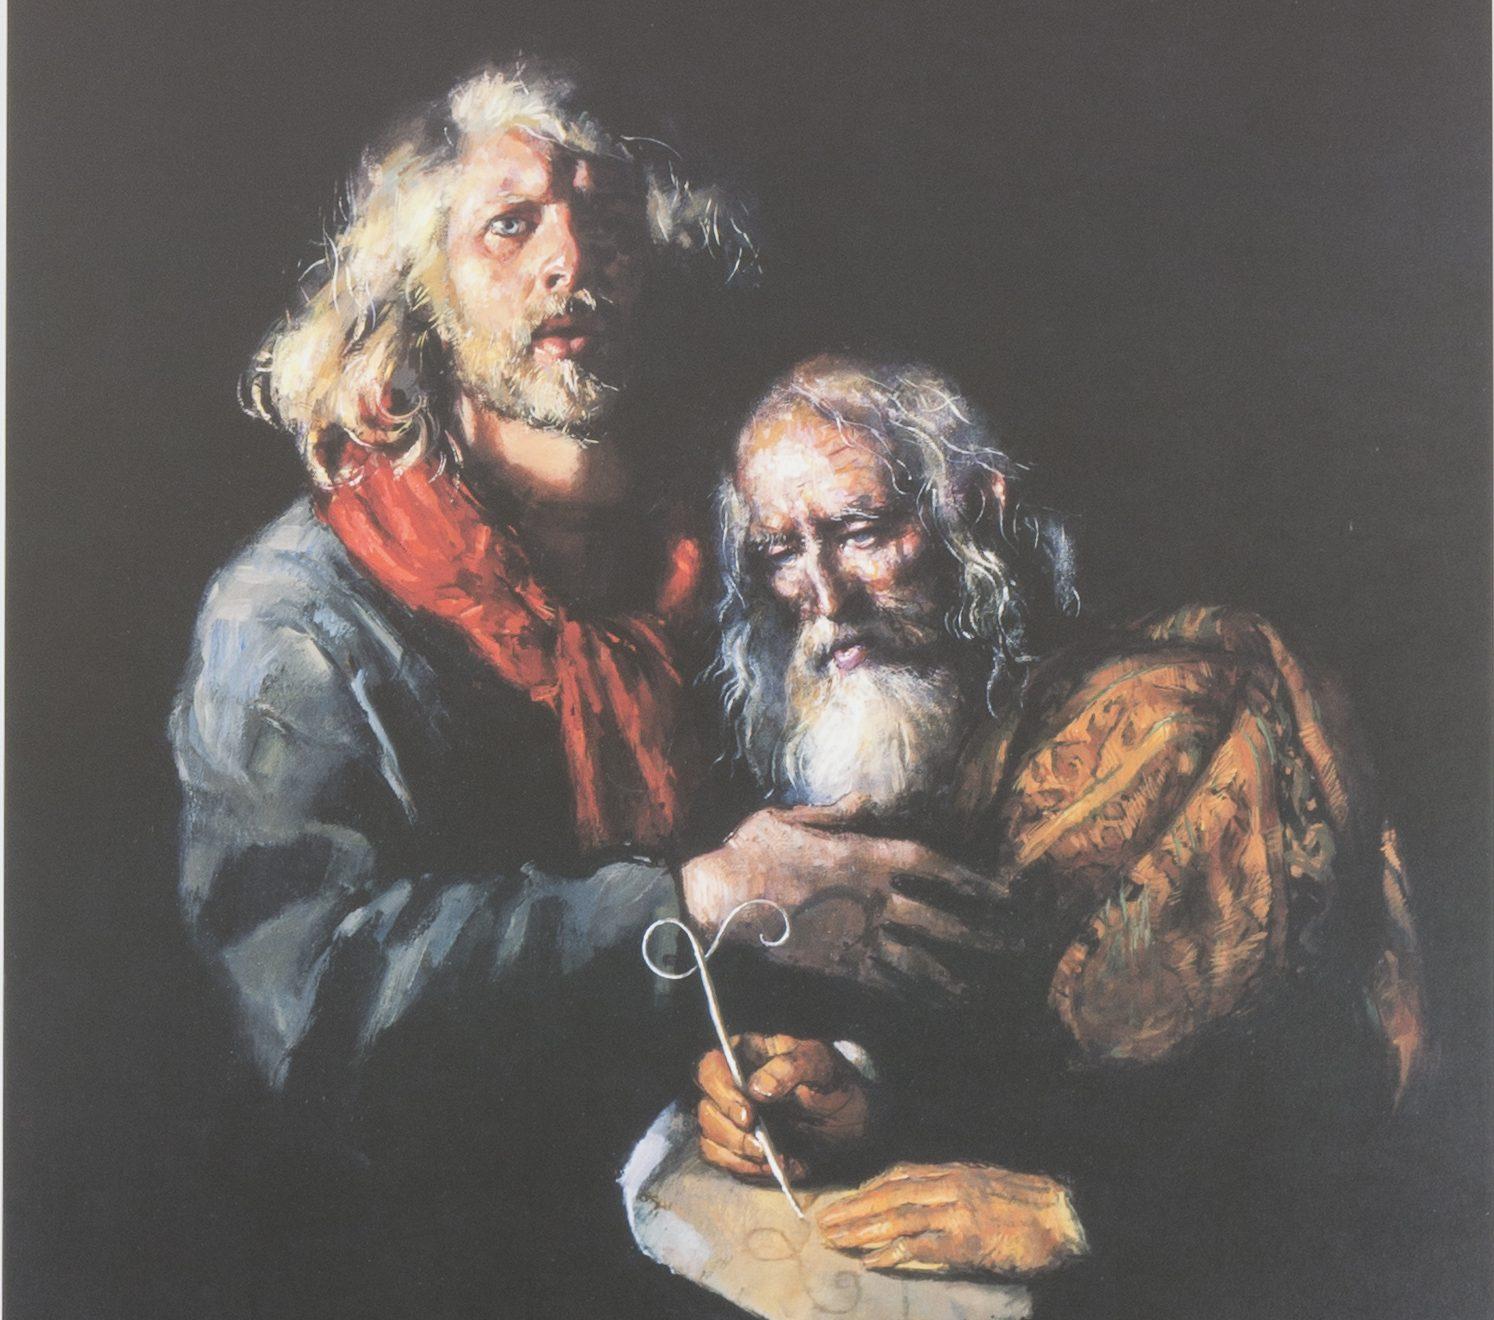 LENKIEWICZ, Robert O. (Print)